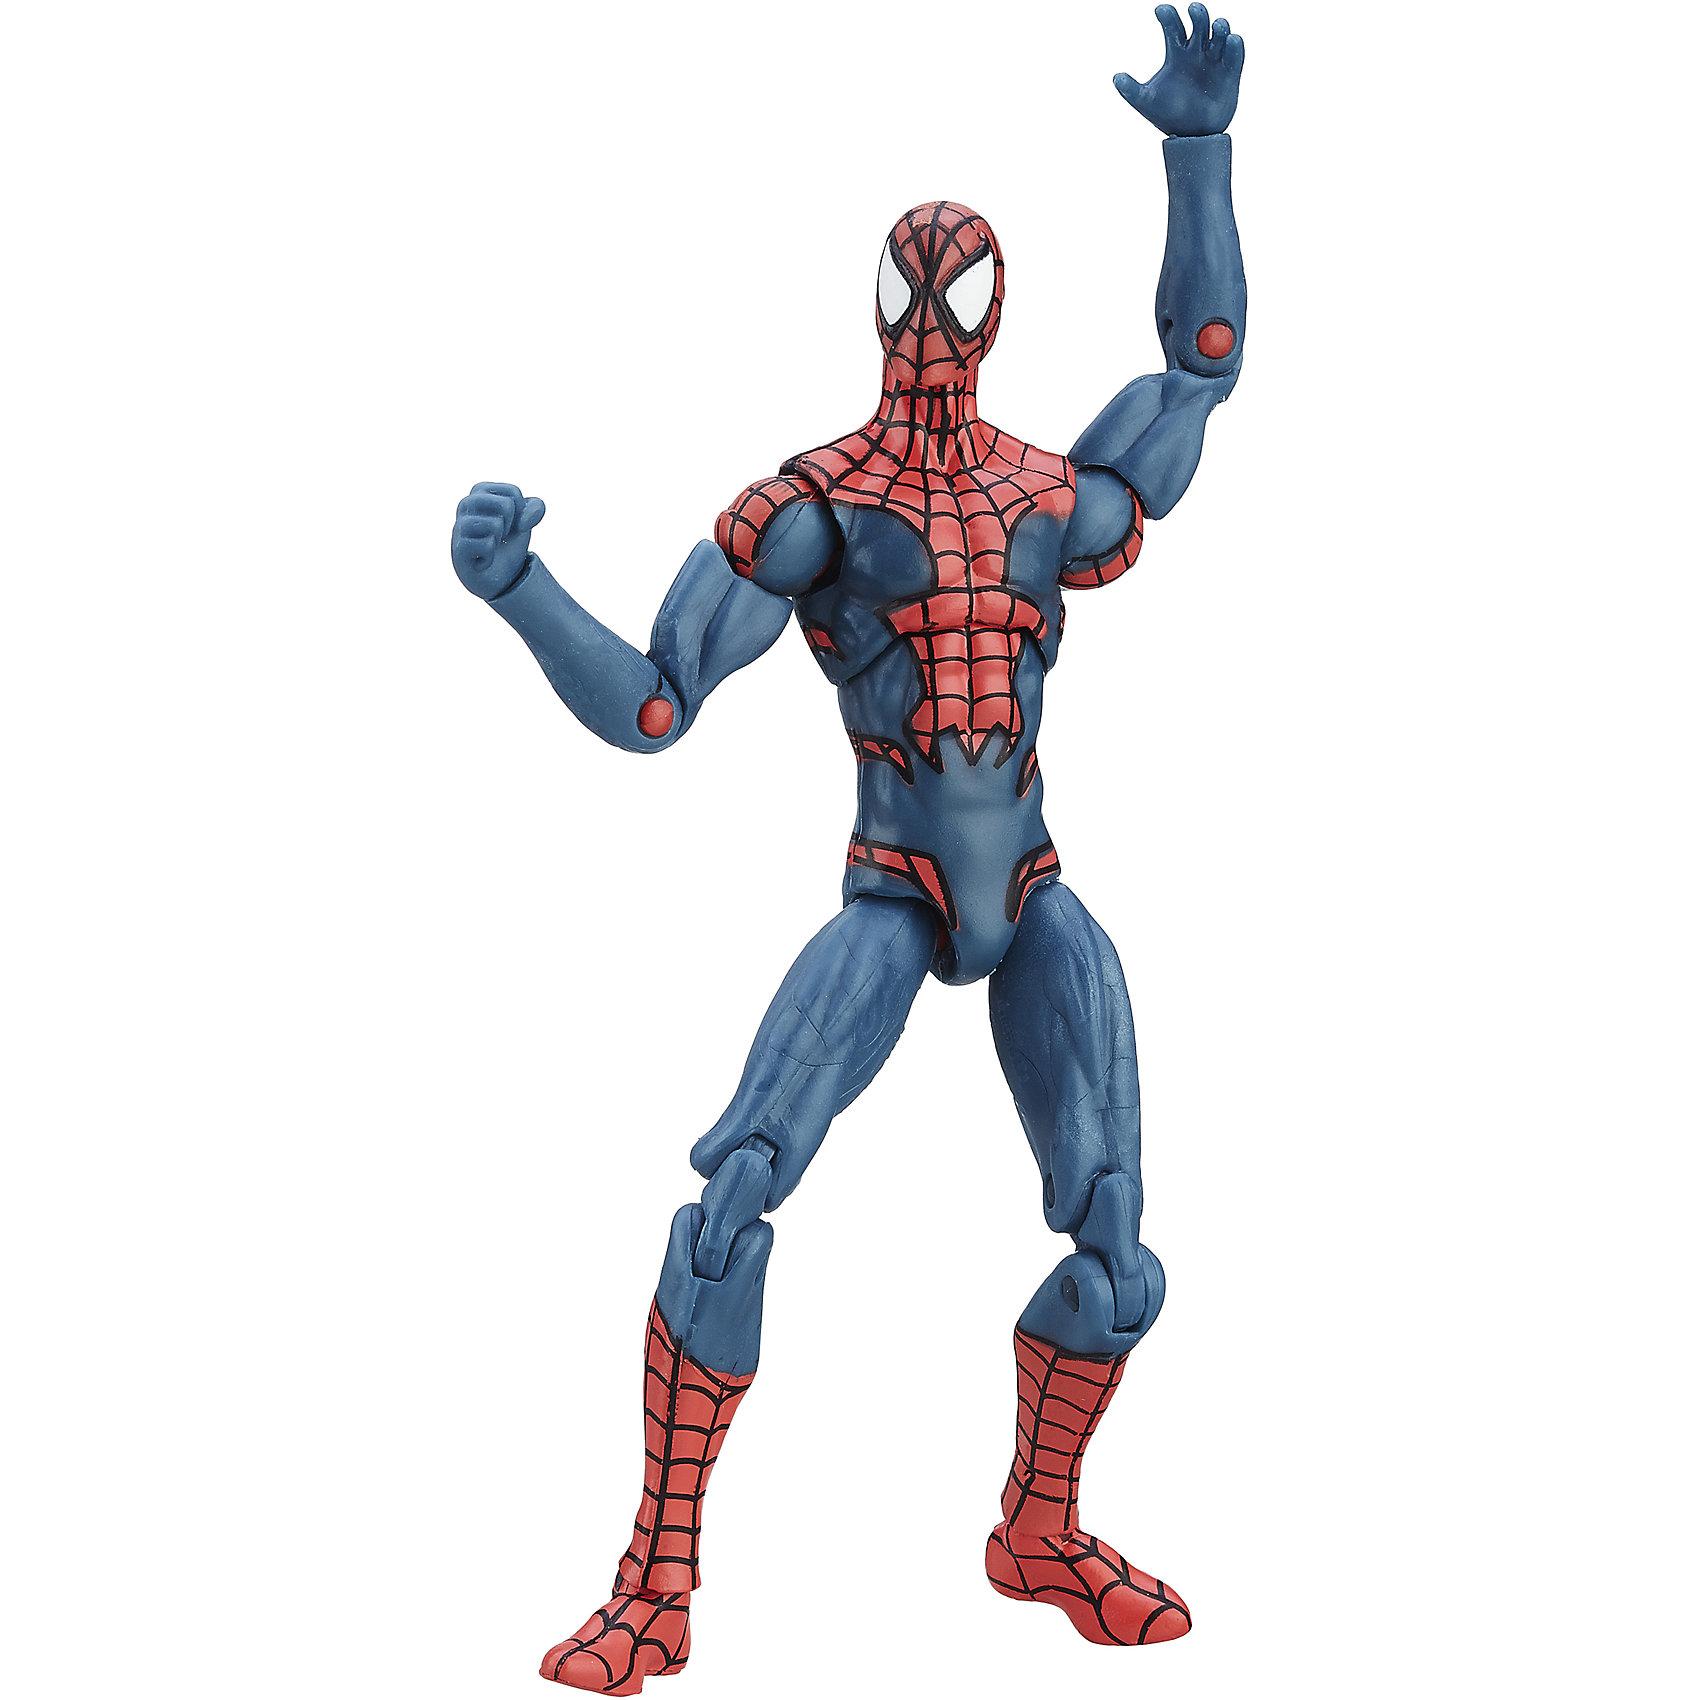 Коллекционная фигурка Мстителей 9,5 см., B6356/B6407Коллекционная фигурка Мстителей, Hasbro, станет приятным сюрпризом для Вашего ребенка, особенно если он является поклонником популярных фильмов о супергероях Мстители. Фигурка героя выполнена с высокой степенью детализации и полностью повторяет своего экранного персонажа. Теперь можно разыгрывать по-настоящему масштабные сражения с любимыми героями. Фигурка изготовлена из высококачественных безопасных для детского здоровья материалов, имеет подвижные части тела. В каждый набор входит только одна фигурка персонажа. Собранные вместе они составят замечательную и оригинальную коллекцию.  Дополнительная информация:  - Материал: пластик. - Размер фигурки: 9,5 см. - Размер упаковки: 12 х 4 х 23 см.  - Вес: 0,15 кг.   Коллекционную фигурку Мстителей 9,5 см., Hasbro, можно купить в нашем интернет-магазине.<br><br>Ширина мм: 229<br>Глубина мм: 51<br>Высота мм: 121<br>Вес г: 1413<br>Возраст от месяцев: 48<br>Возраст до месяцев: 144<br>Пол: Мужской<br>Возраст: Детский<br>SKU: 4833581